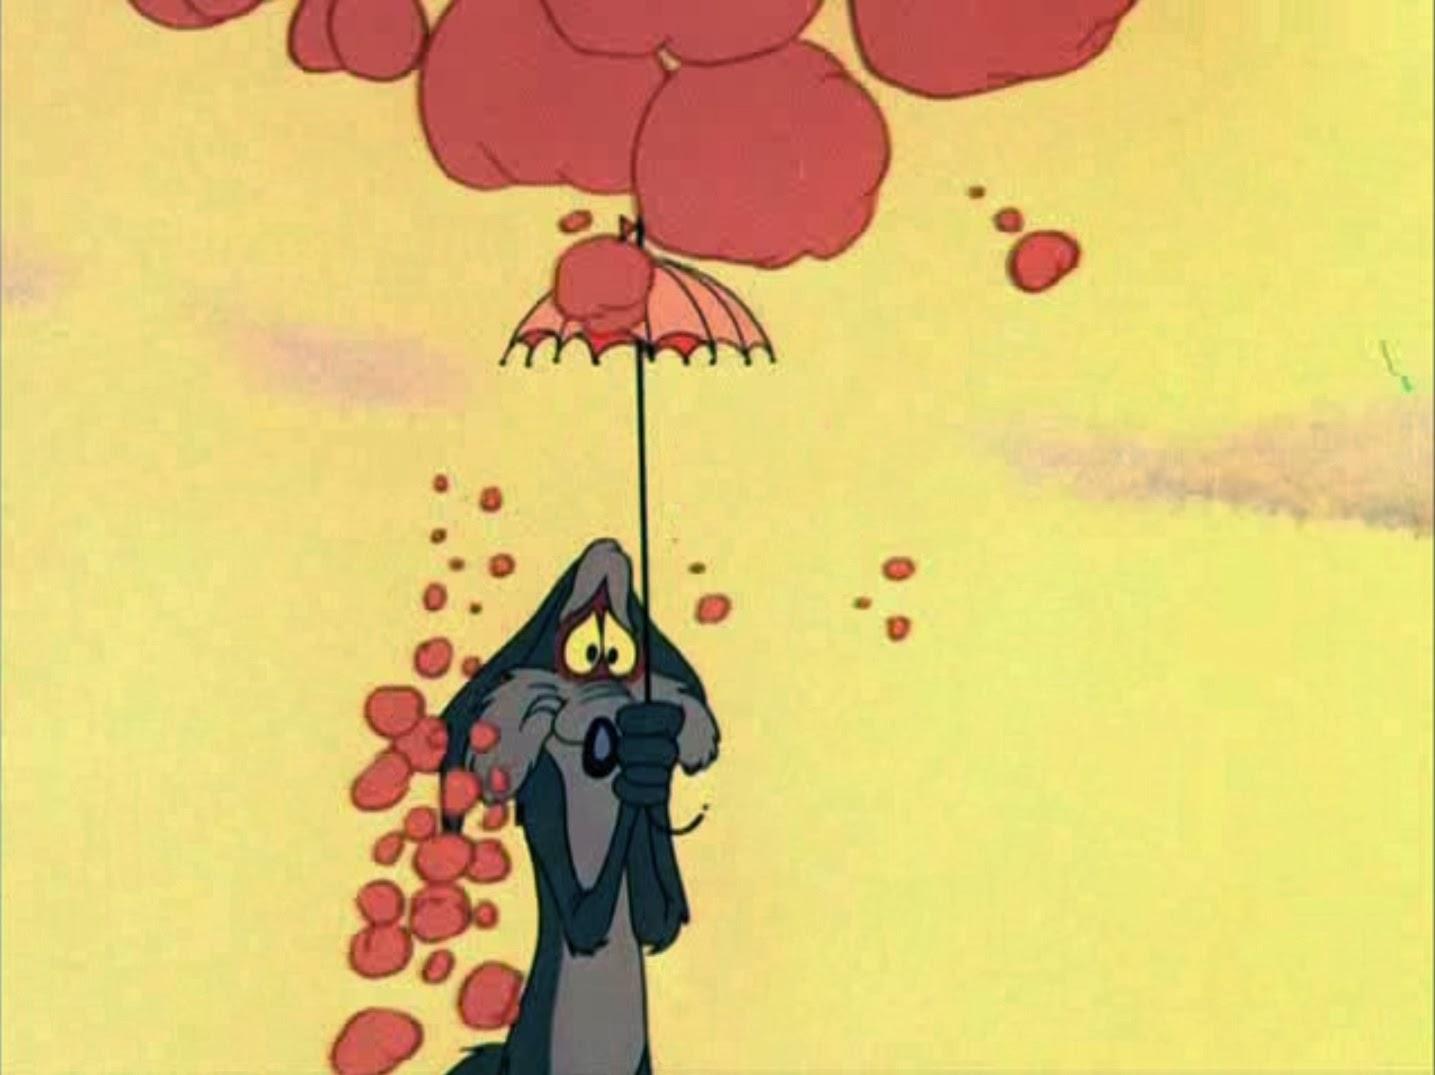 Coyote-Umbrella.jpg